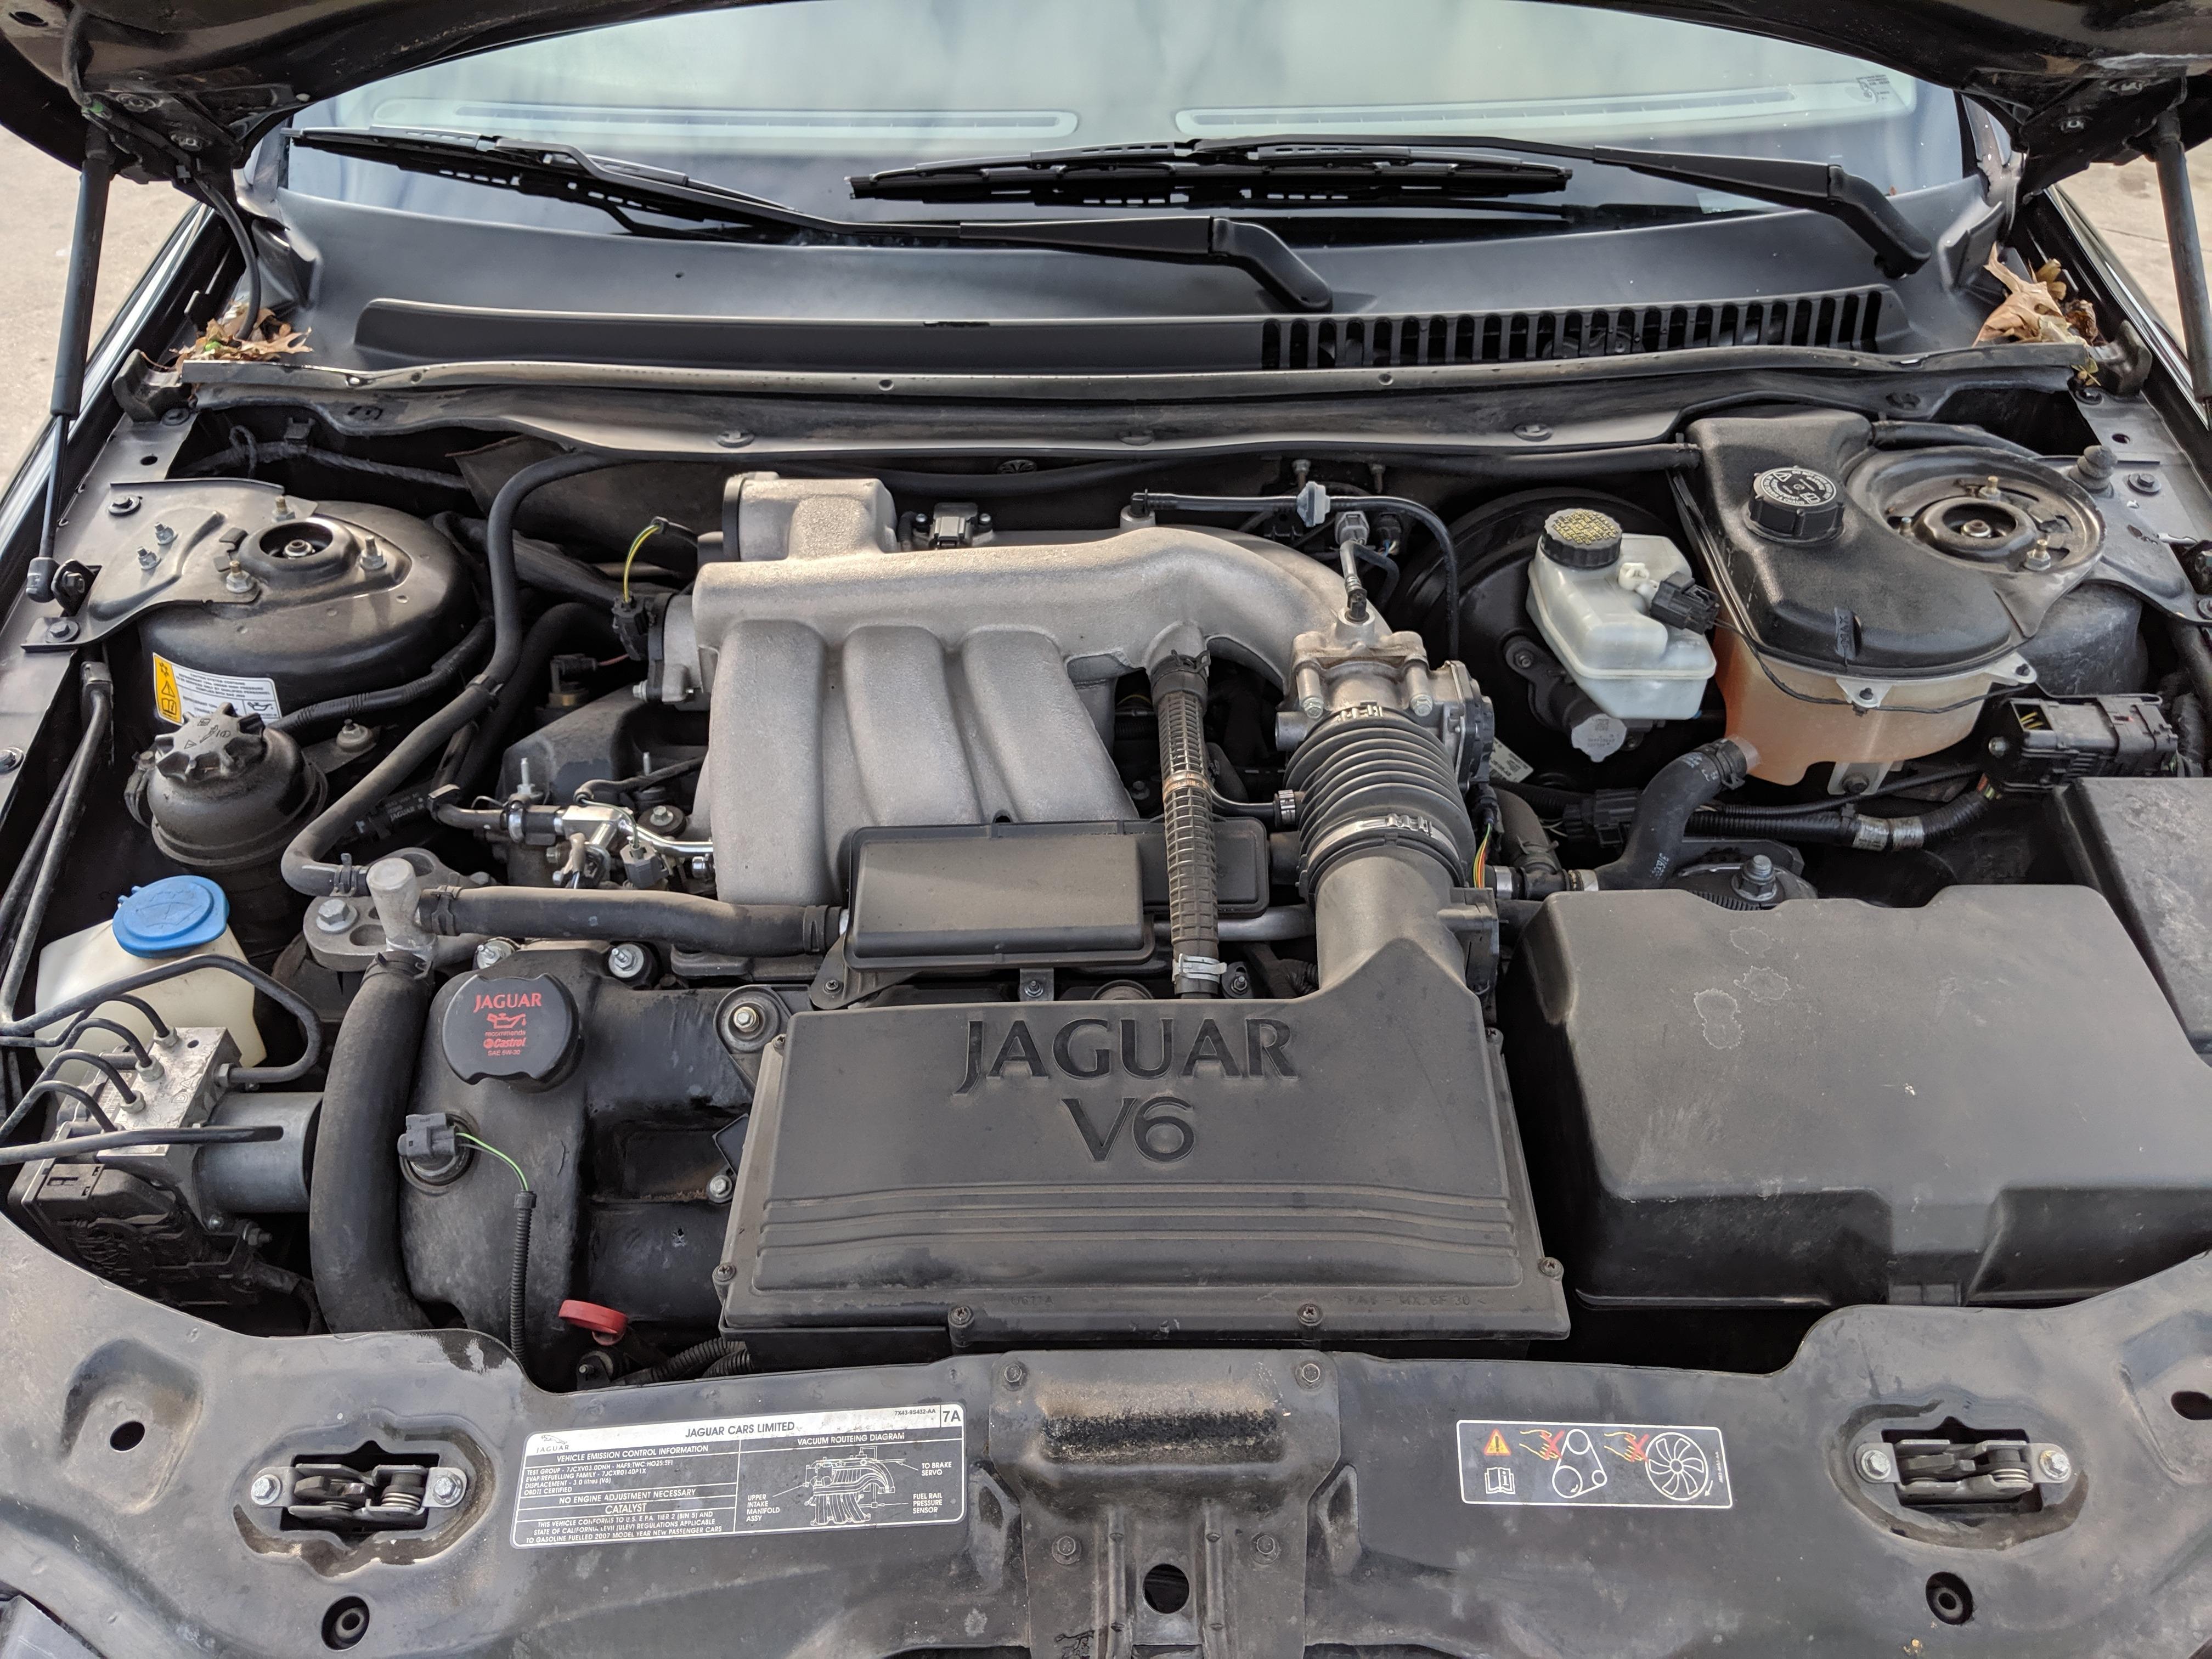 2007 Jaguar X-TYPE 4dr Sdn on jaguar s type parts console, jaguar parts diagram, jaguar s type wiring diagram, jaguar xj8 timing chain diagram, jaguar xj6 fuel pump diagram, 1998 jaguar xj8 cooling system diagram, jaguar radio wire harness diagram,